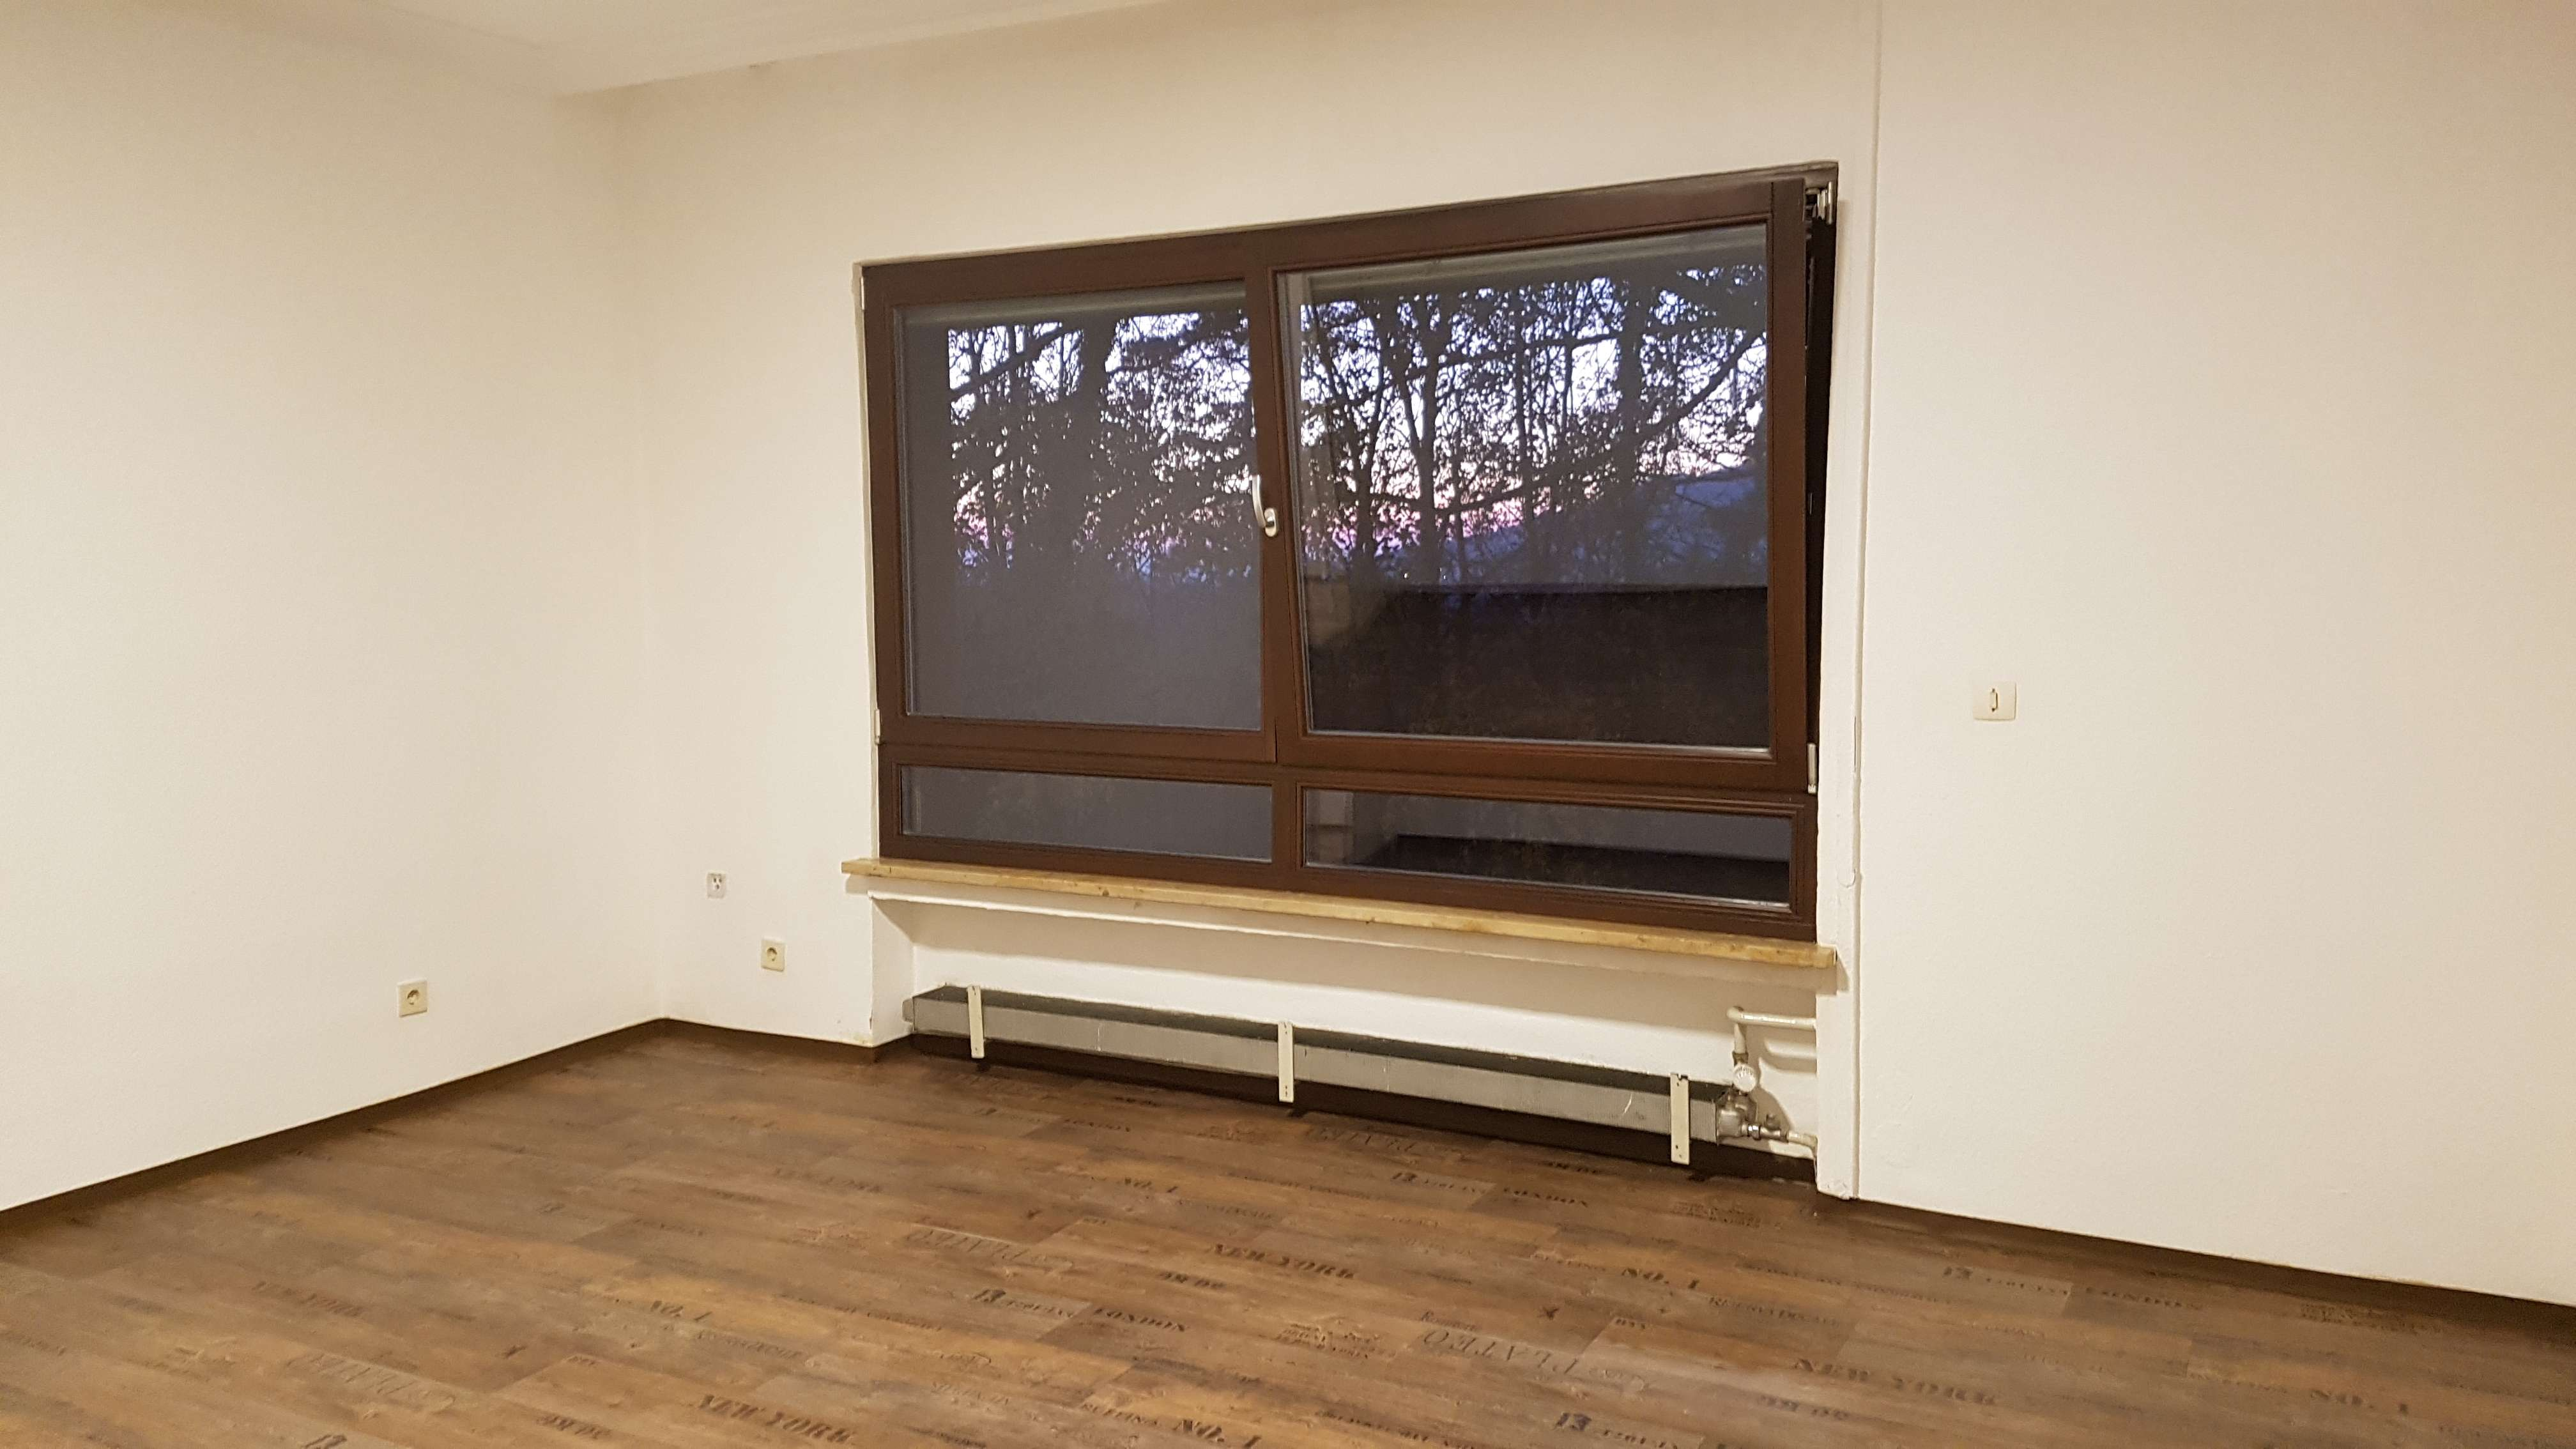 1-Zimmer-Wohnung mit Pkw-Stellplartz und Gartennutzung in ruhiger Wohnlagebei Neumarkt